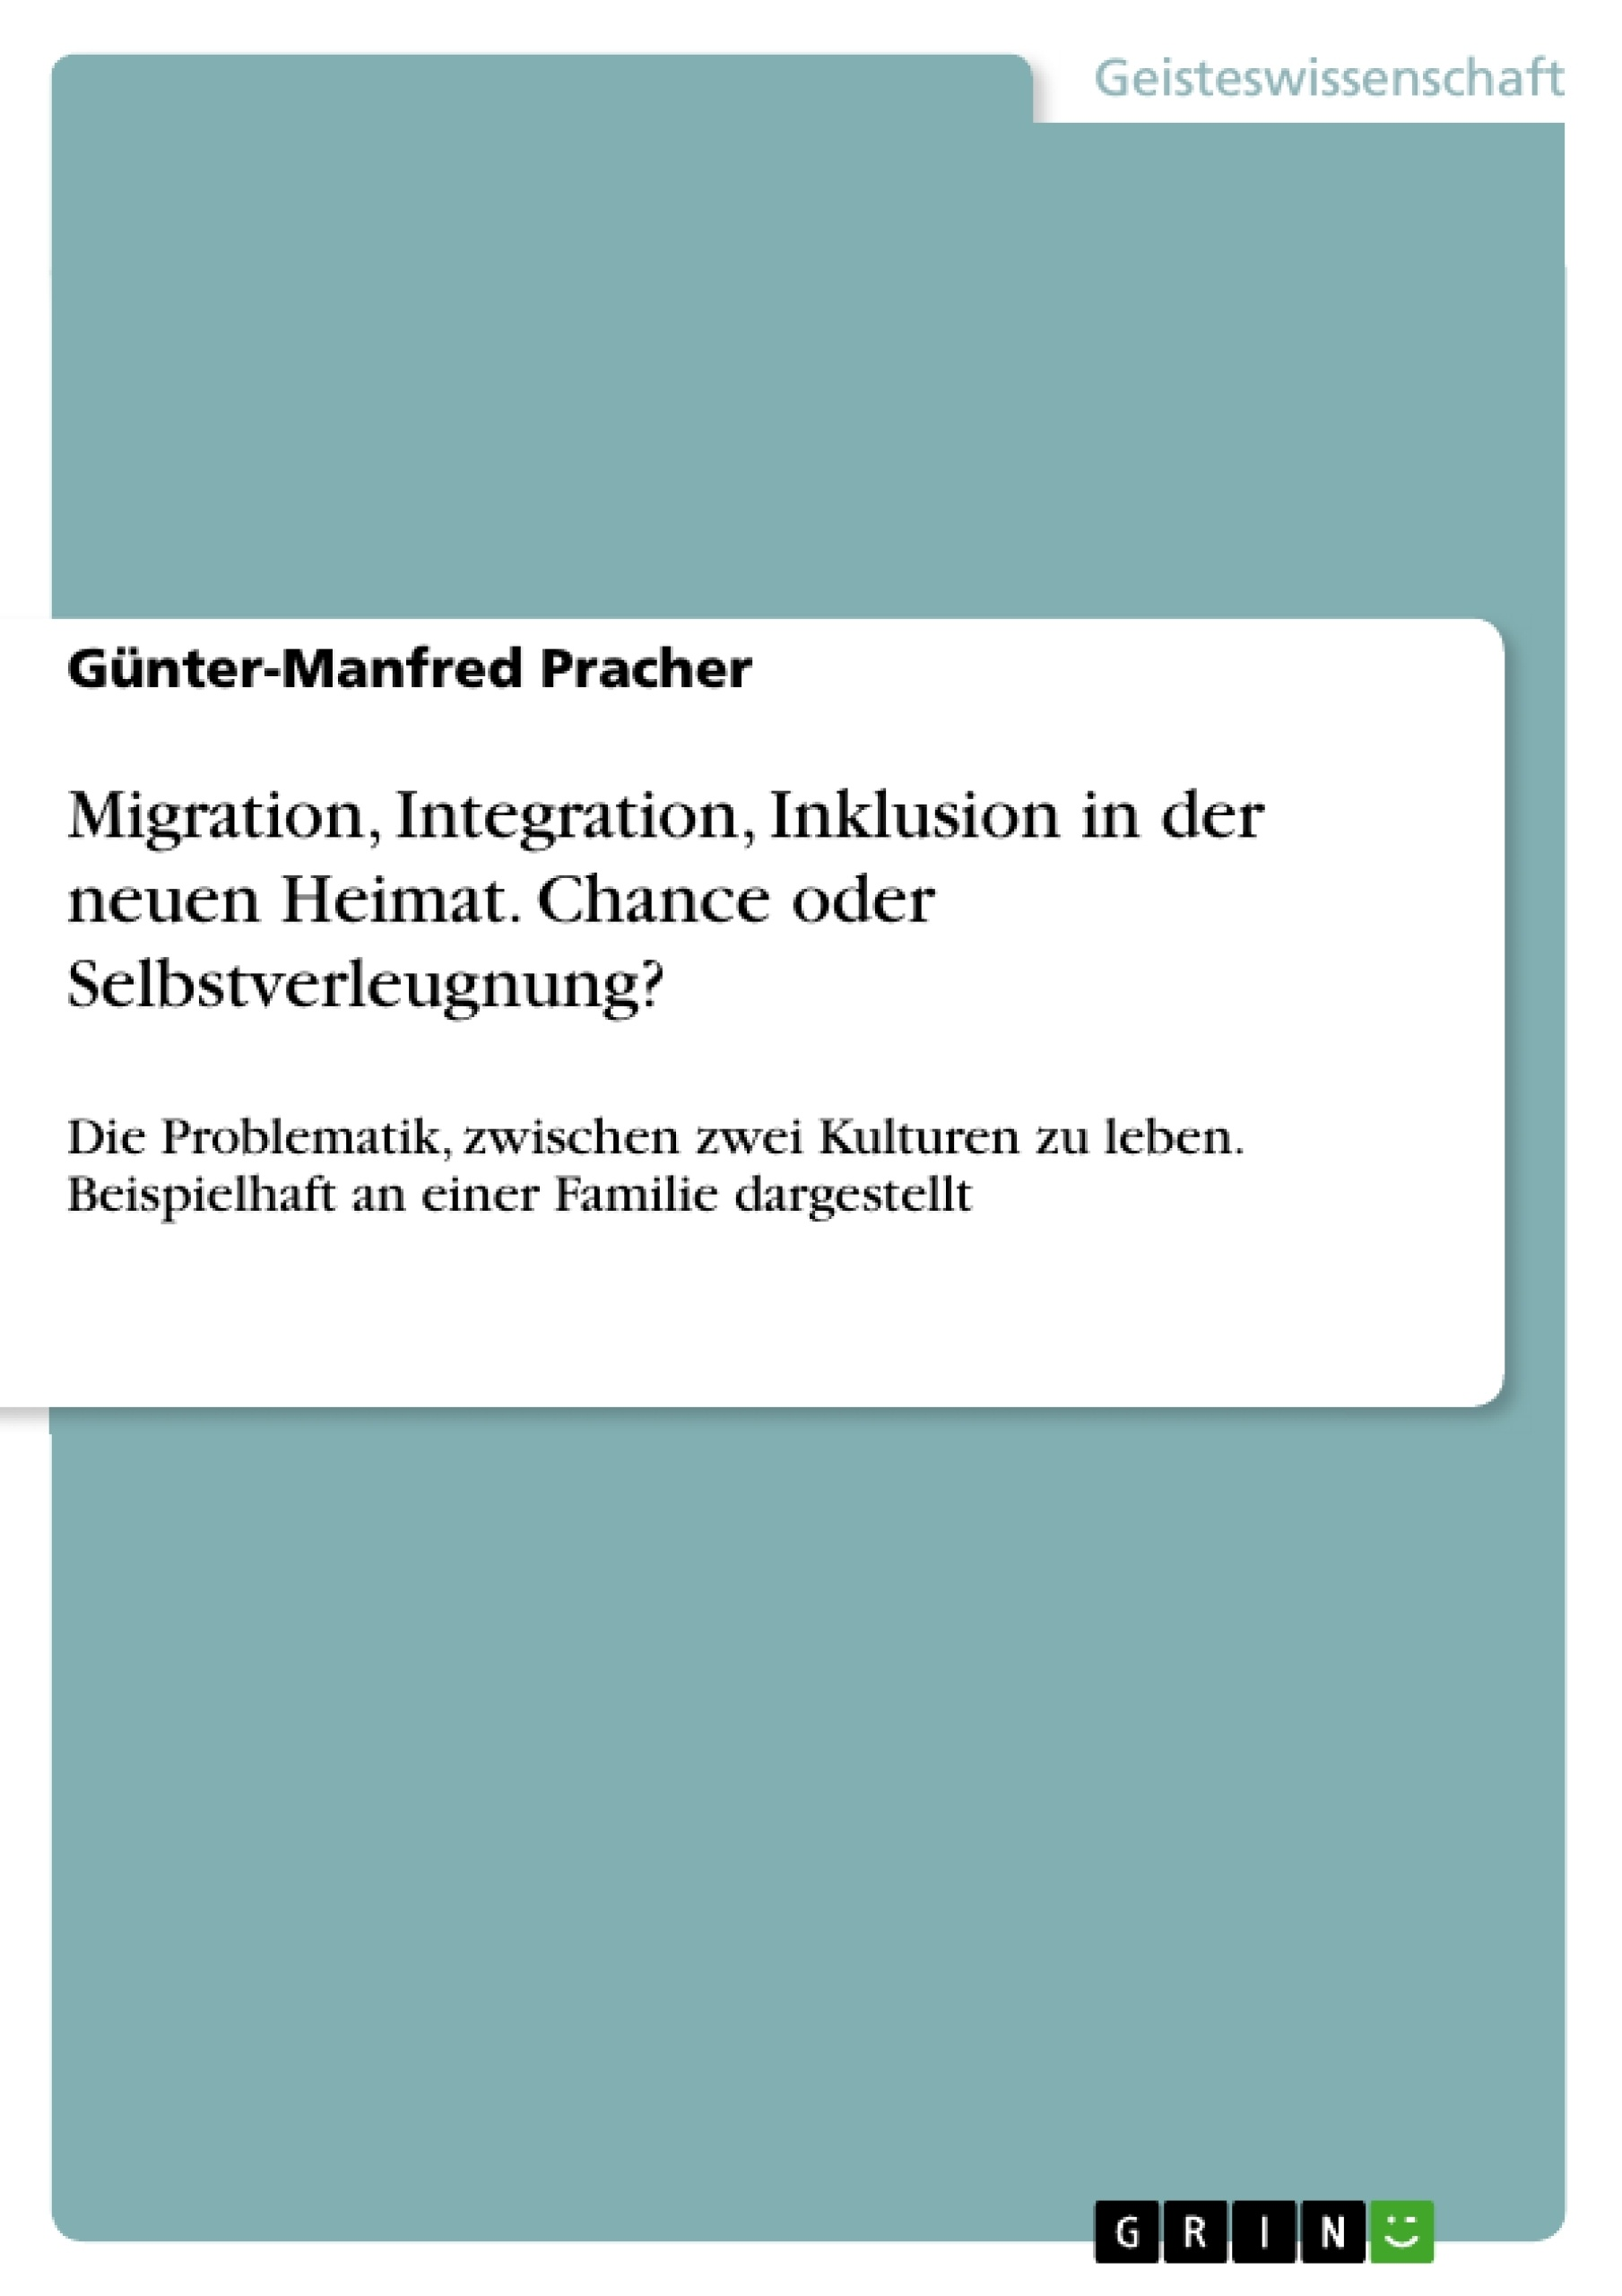 Titel: Migration, Integration, Inklusion in der neuen Heimat. Chance oder Selbstverleugnung?